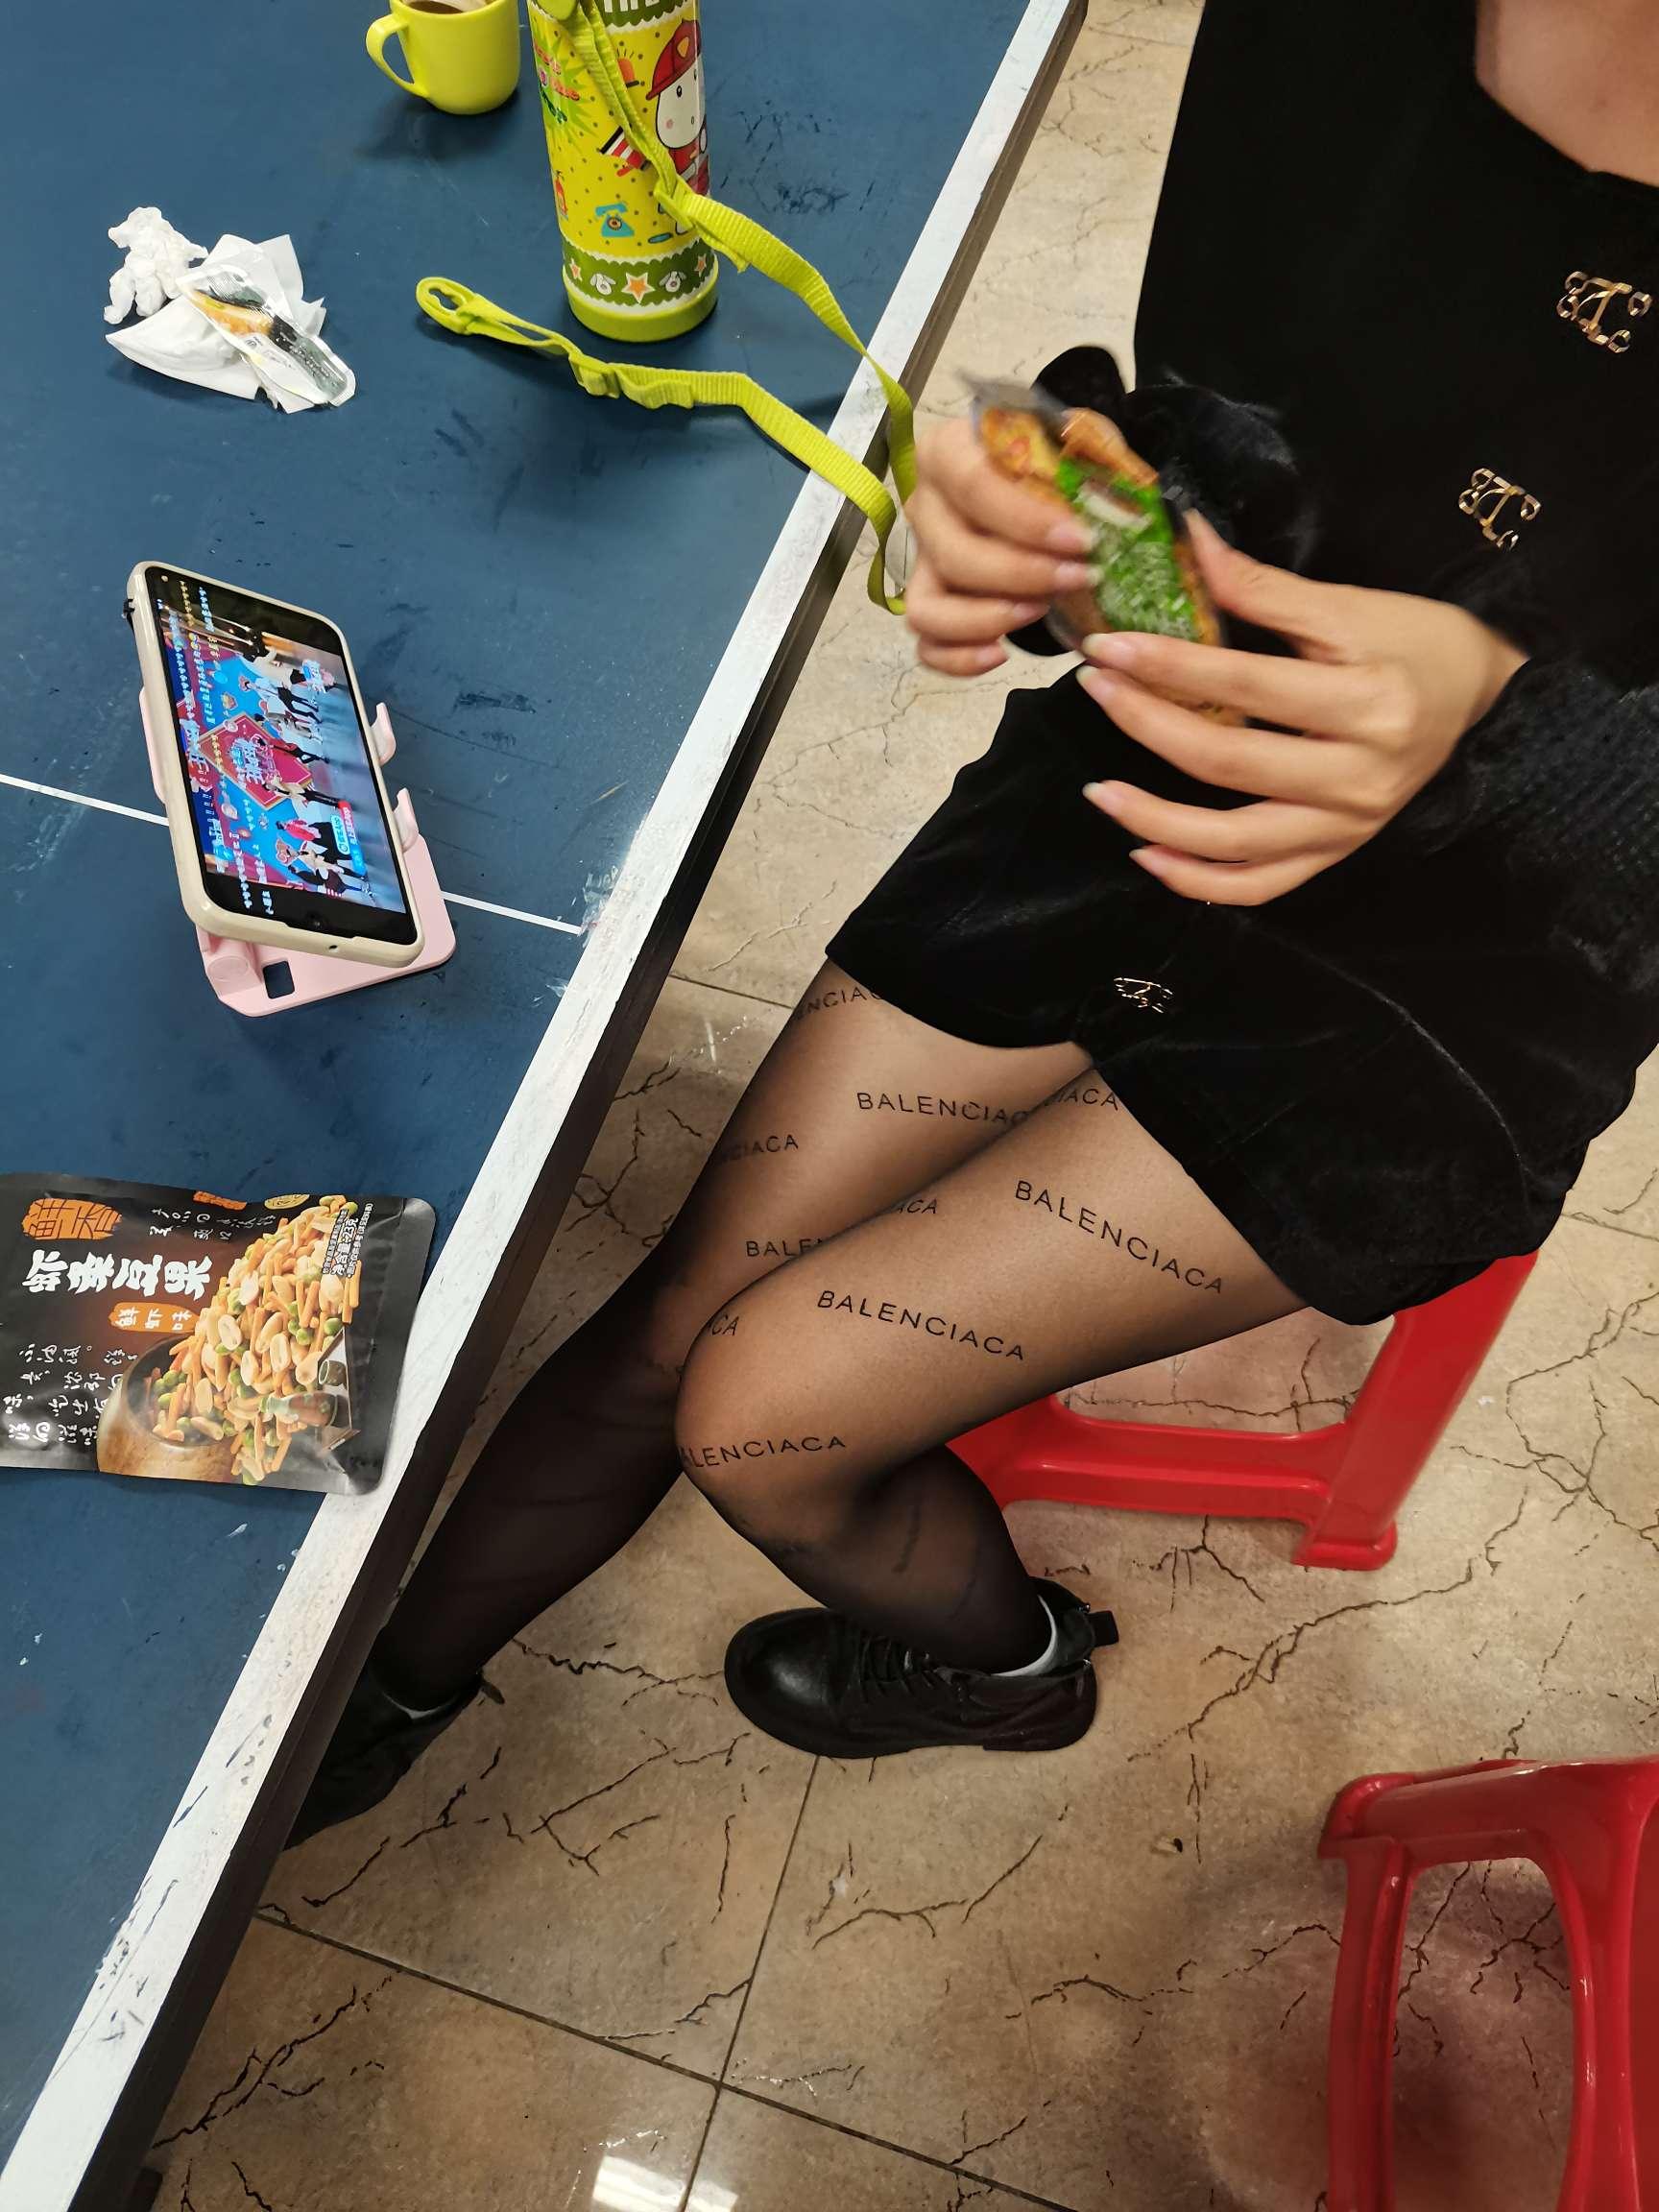 【黑丝美腿】你们喜欢什么风格呀